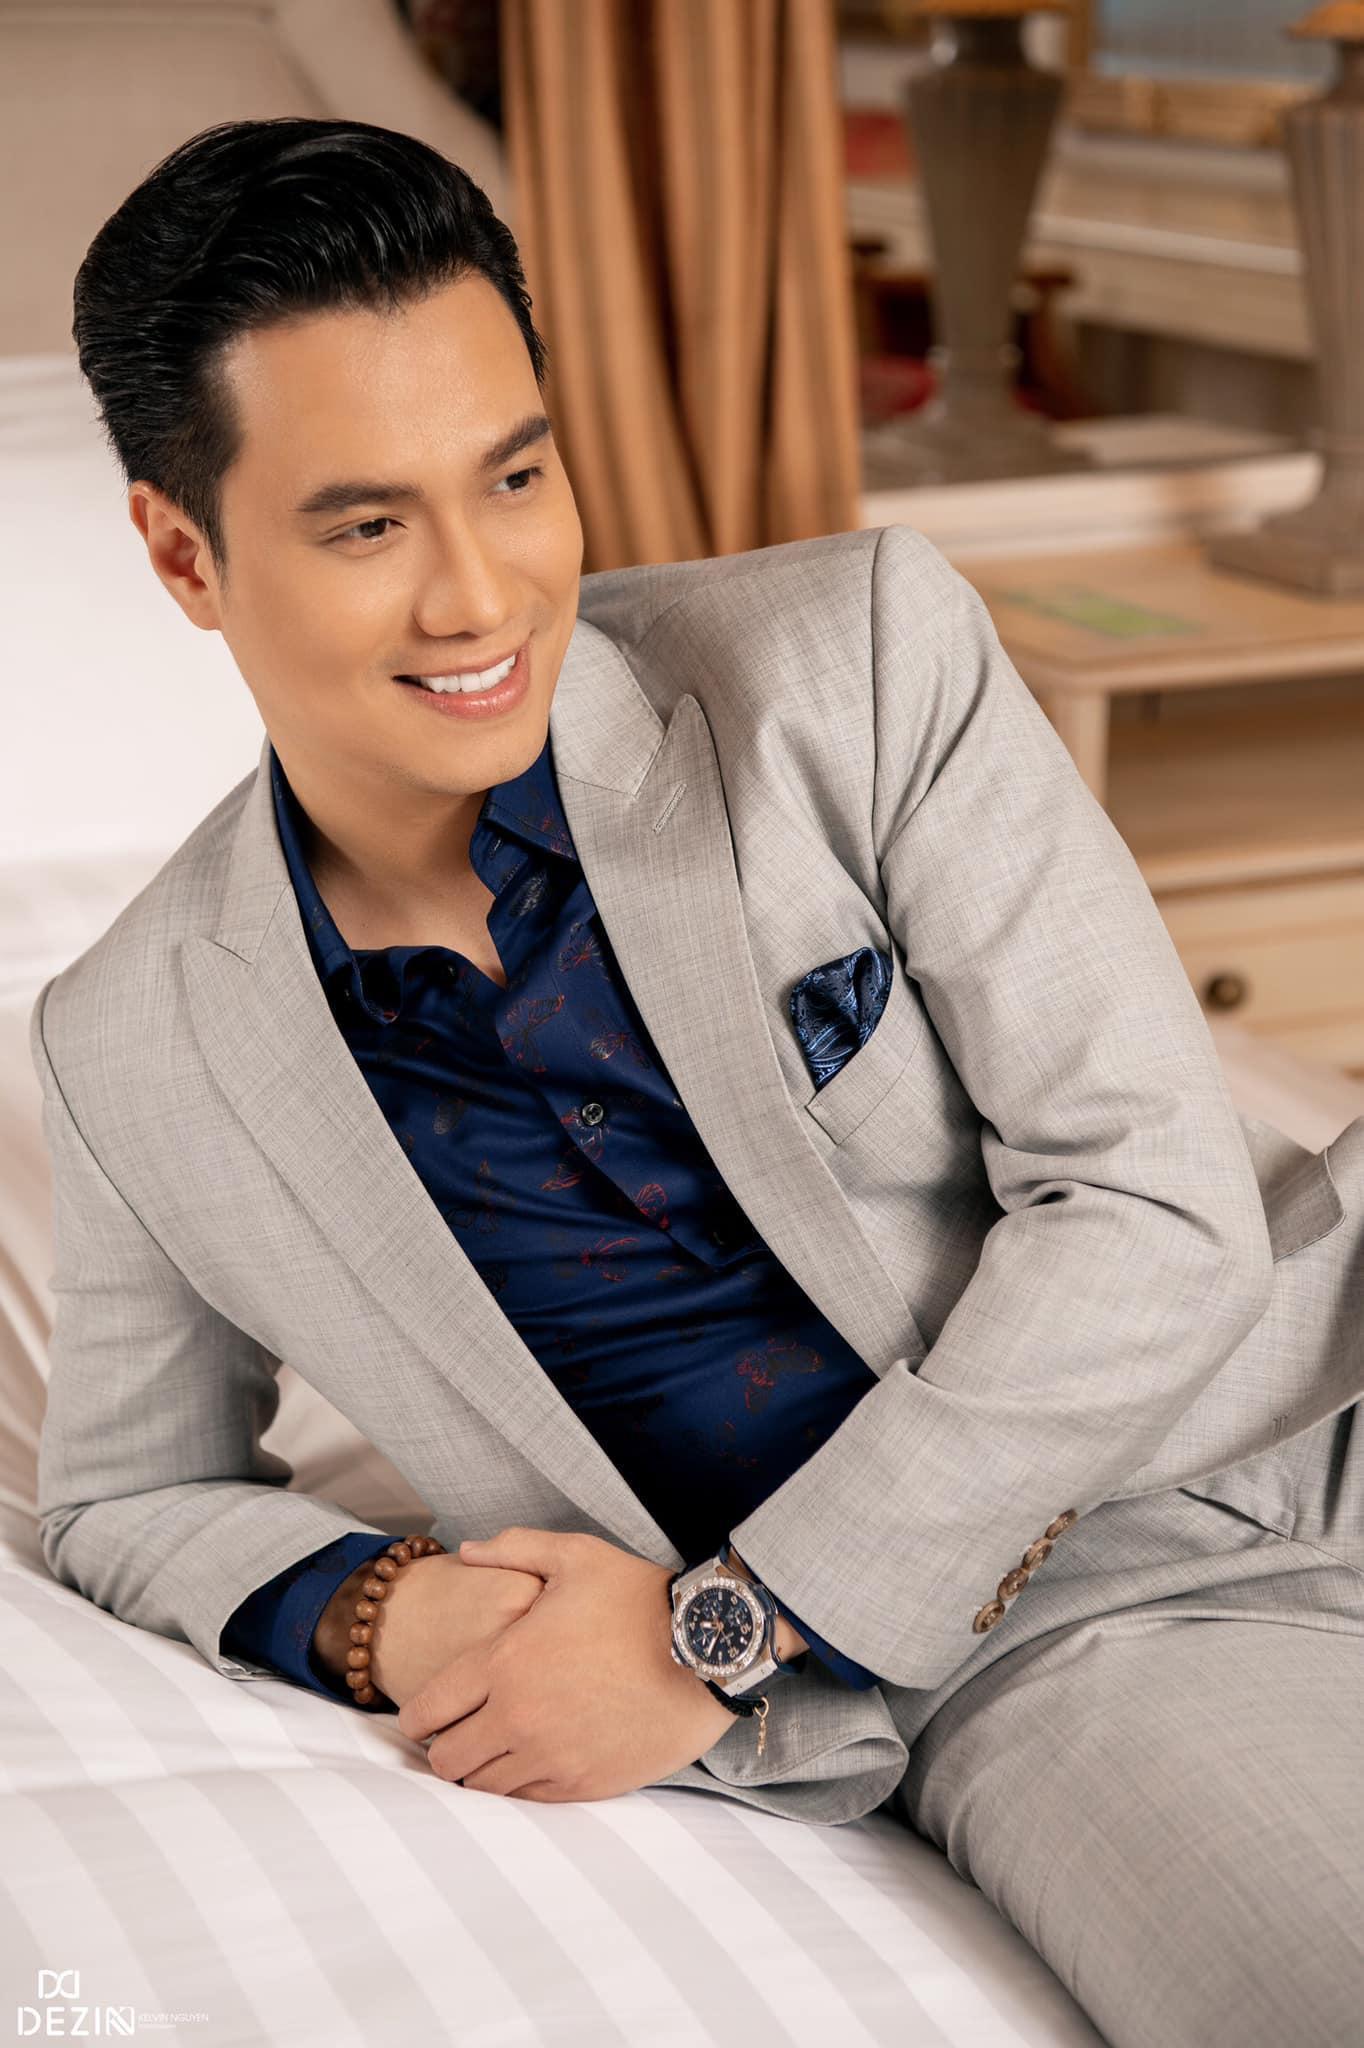 Đều mặc vest DEZI, Đông Hòa trong phim lẫn Việt Anh ngoài đời cùng khiến khán giả mê mệt với phong cách lịch lãm chuẩn soái ca - Ảnh 1.